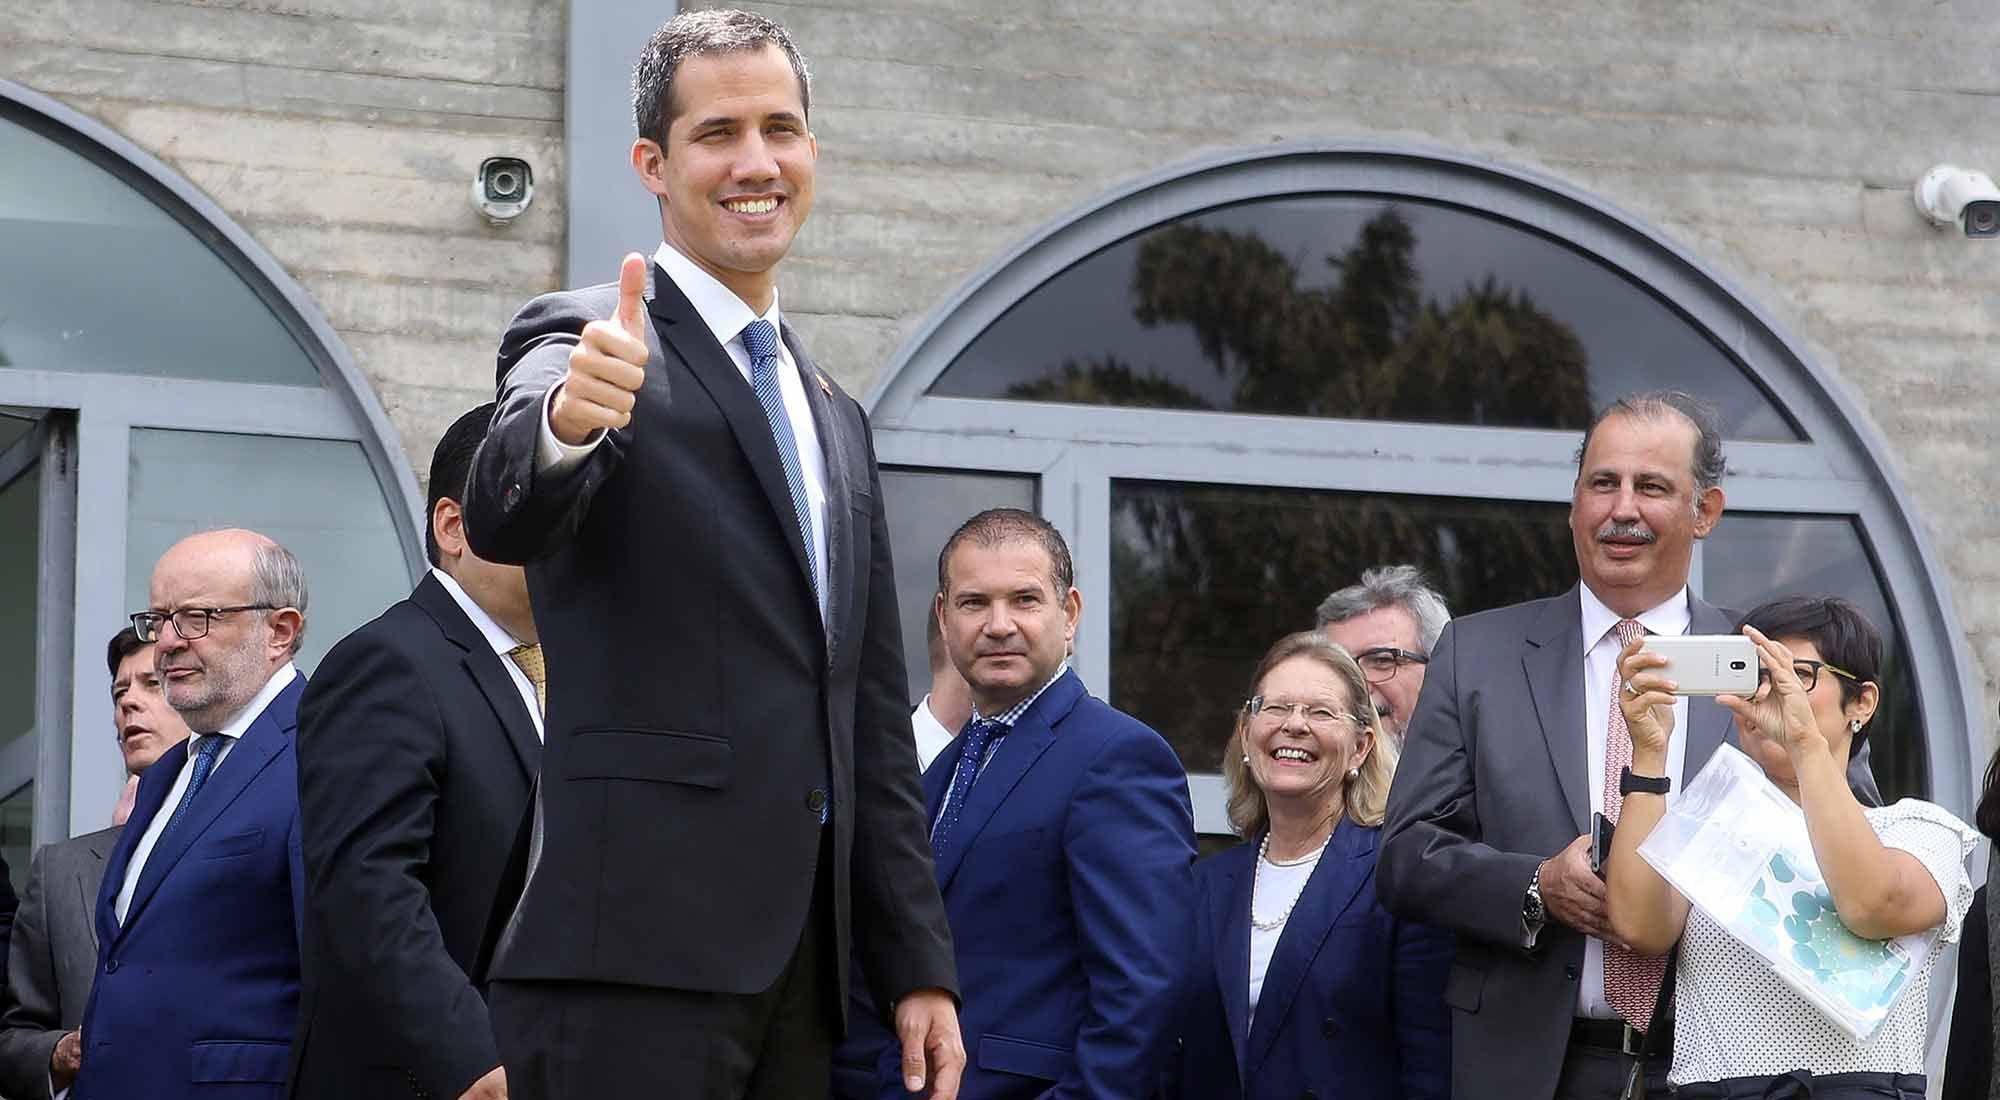 Tras su visita a Jair Bolsonaro, Juan Guaidó viaja a Paraguay para reunirse con Mario Abdo